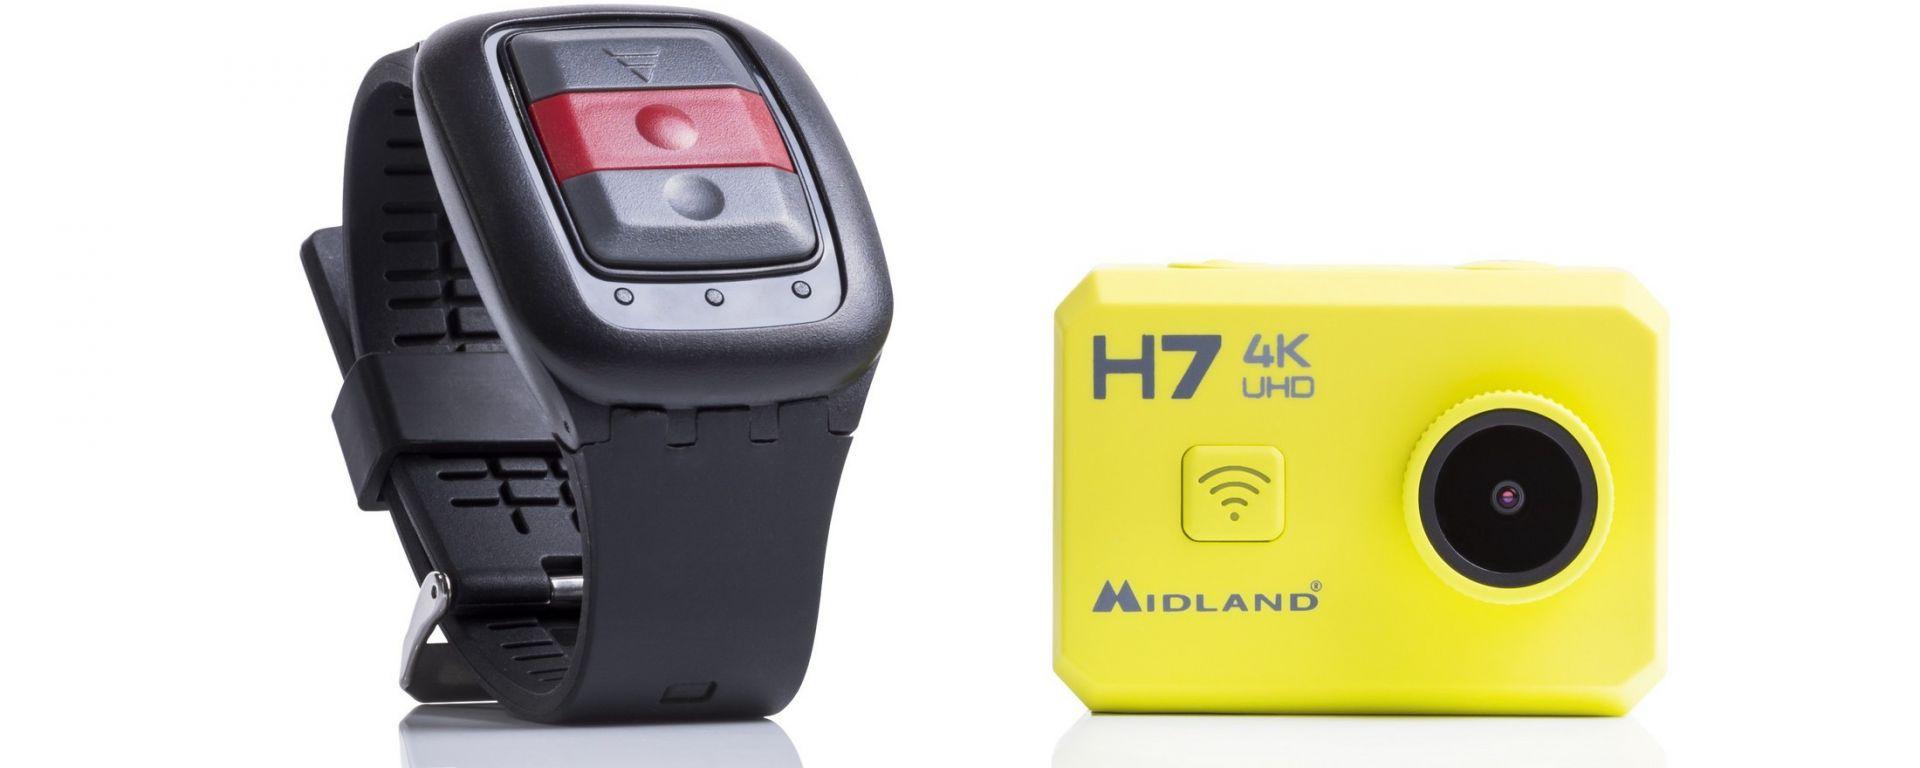 Midland H7: l'action cam low cost con telecomando di serie